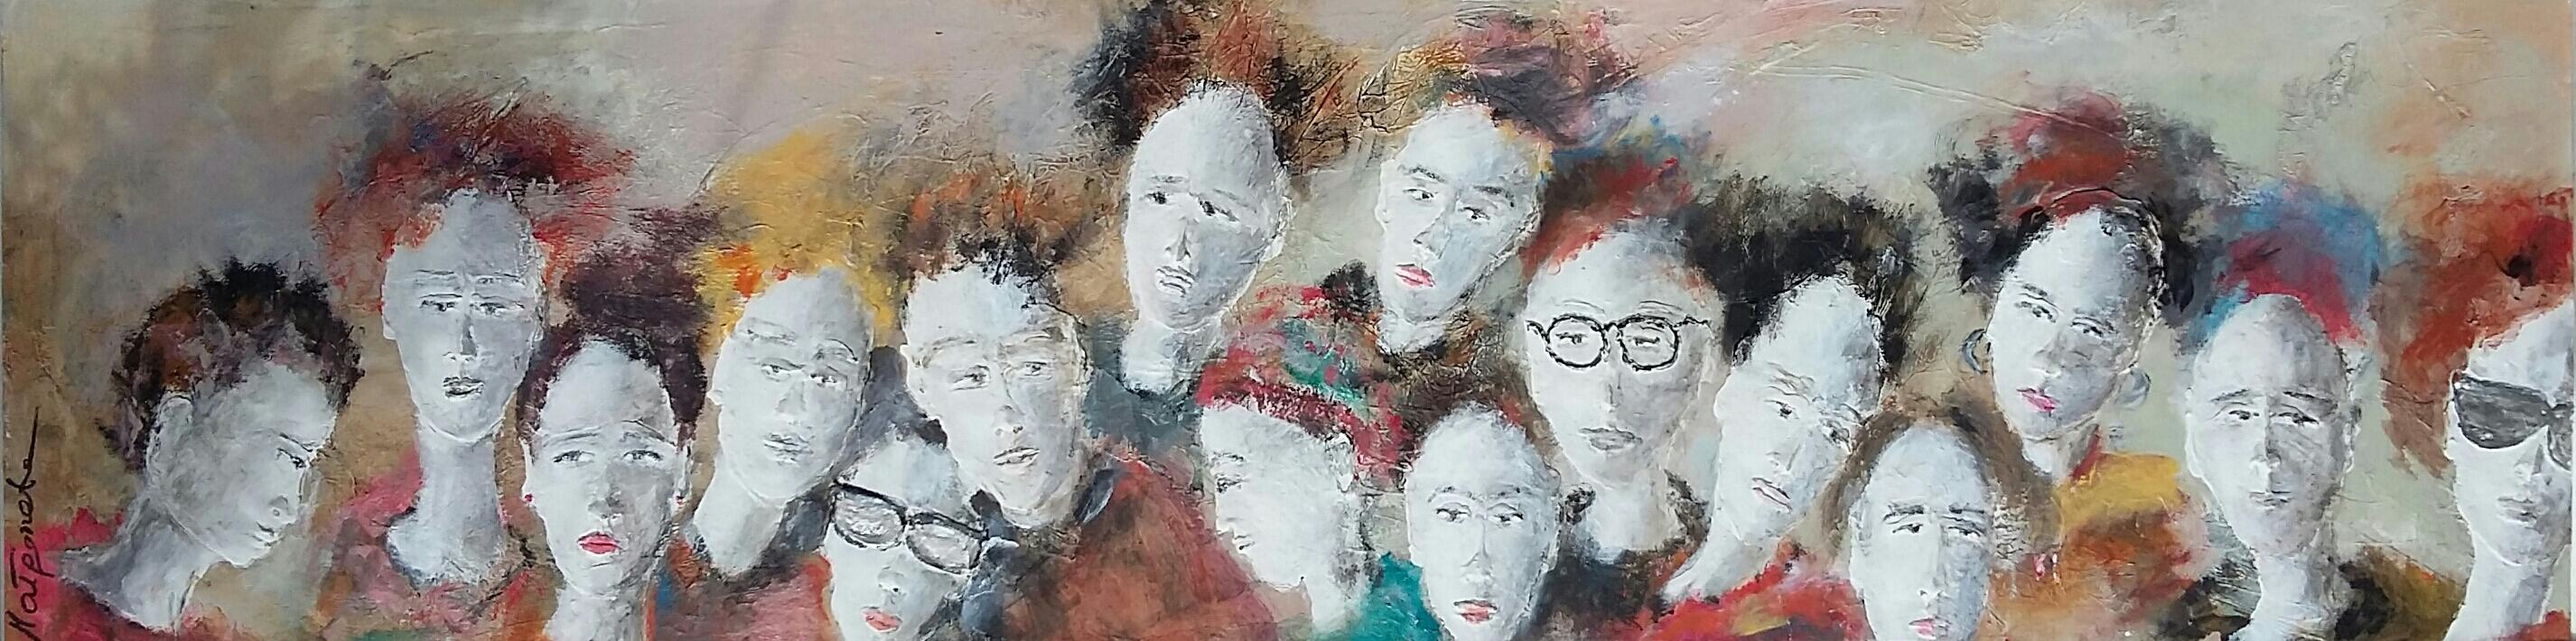 """""""crowd"""" 170x47 cm, Acryl auf Hartfaserplatte, Acrylmasse - verkauft -"""